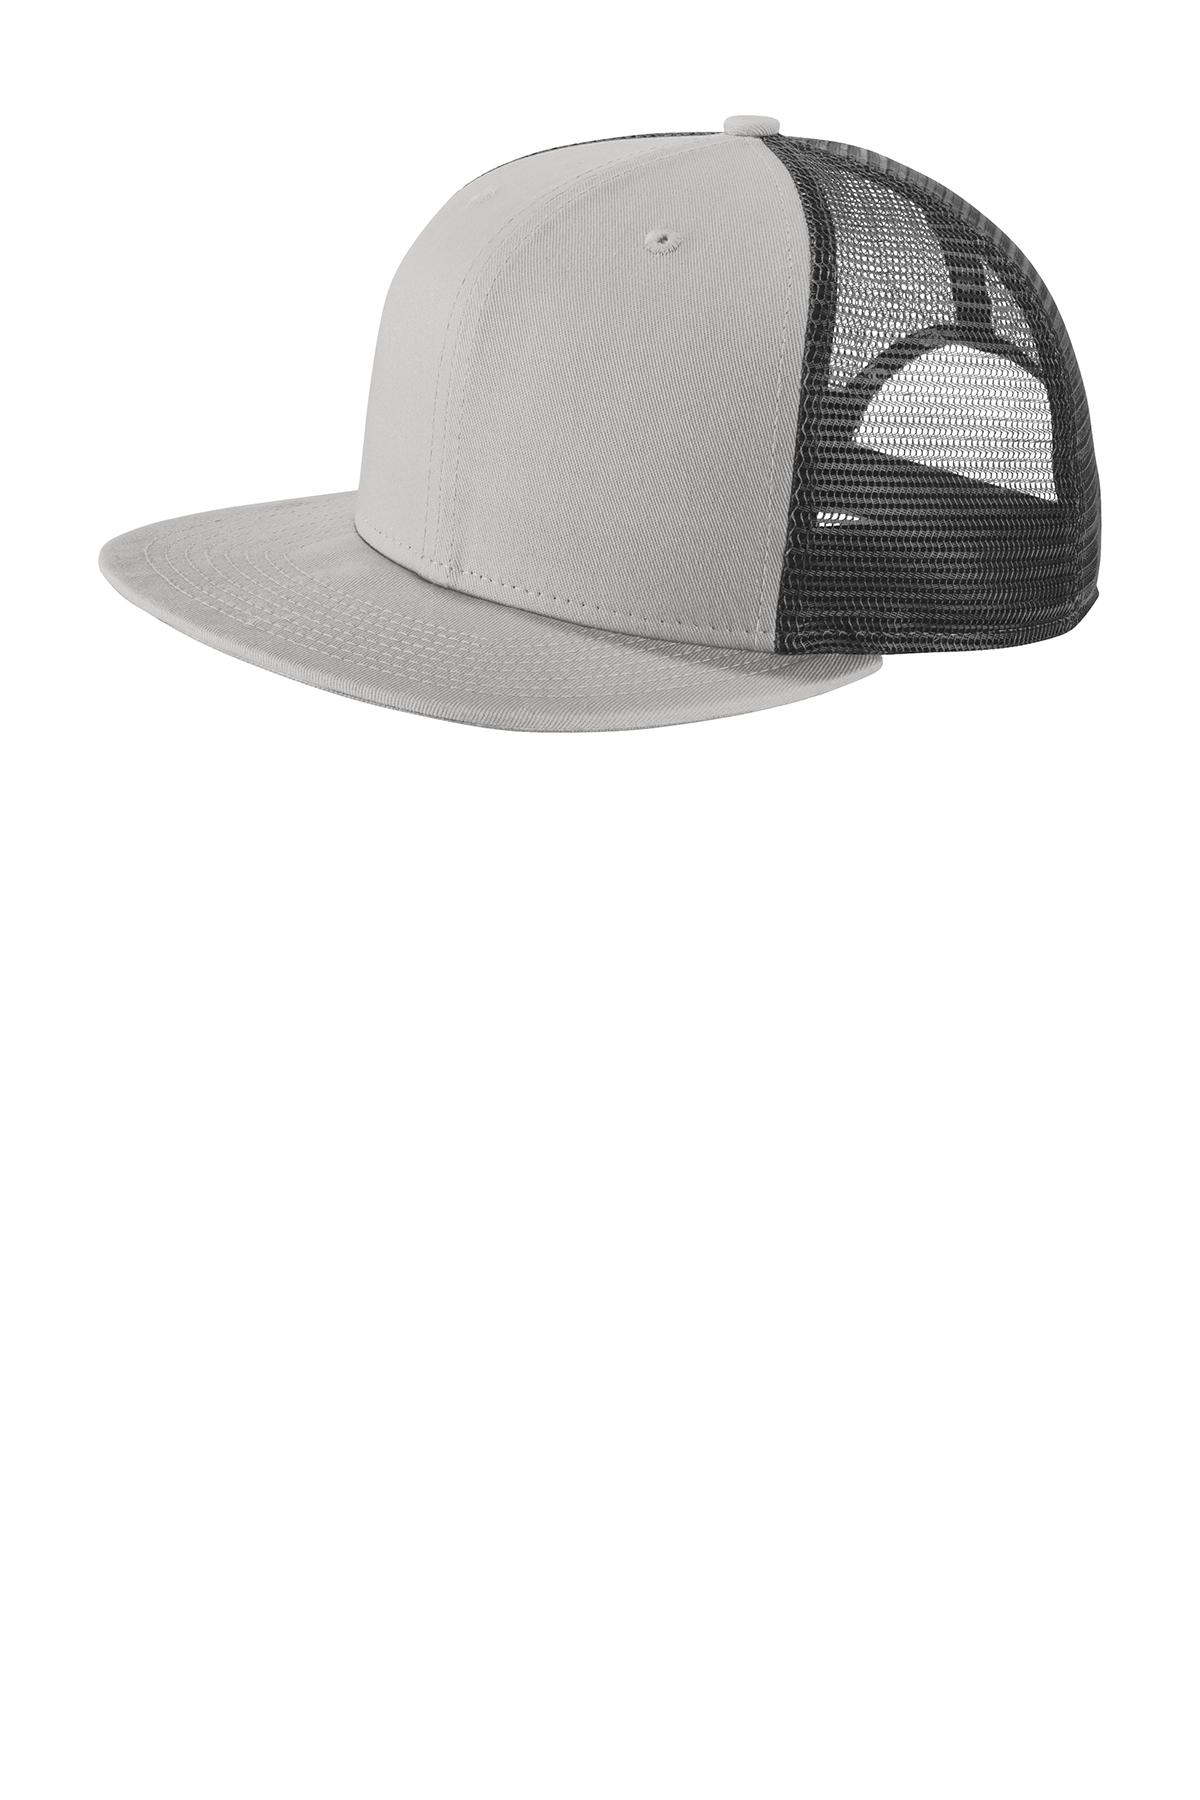 61b83f8d6f5 New Era® Original Fit Snapback Trucker Cap